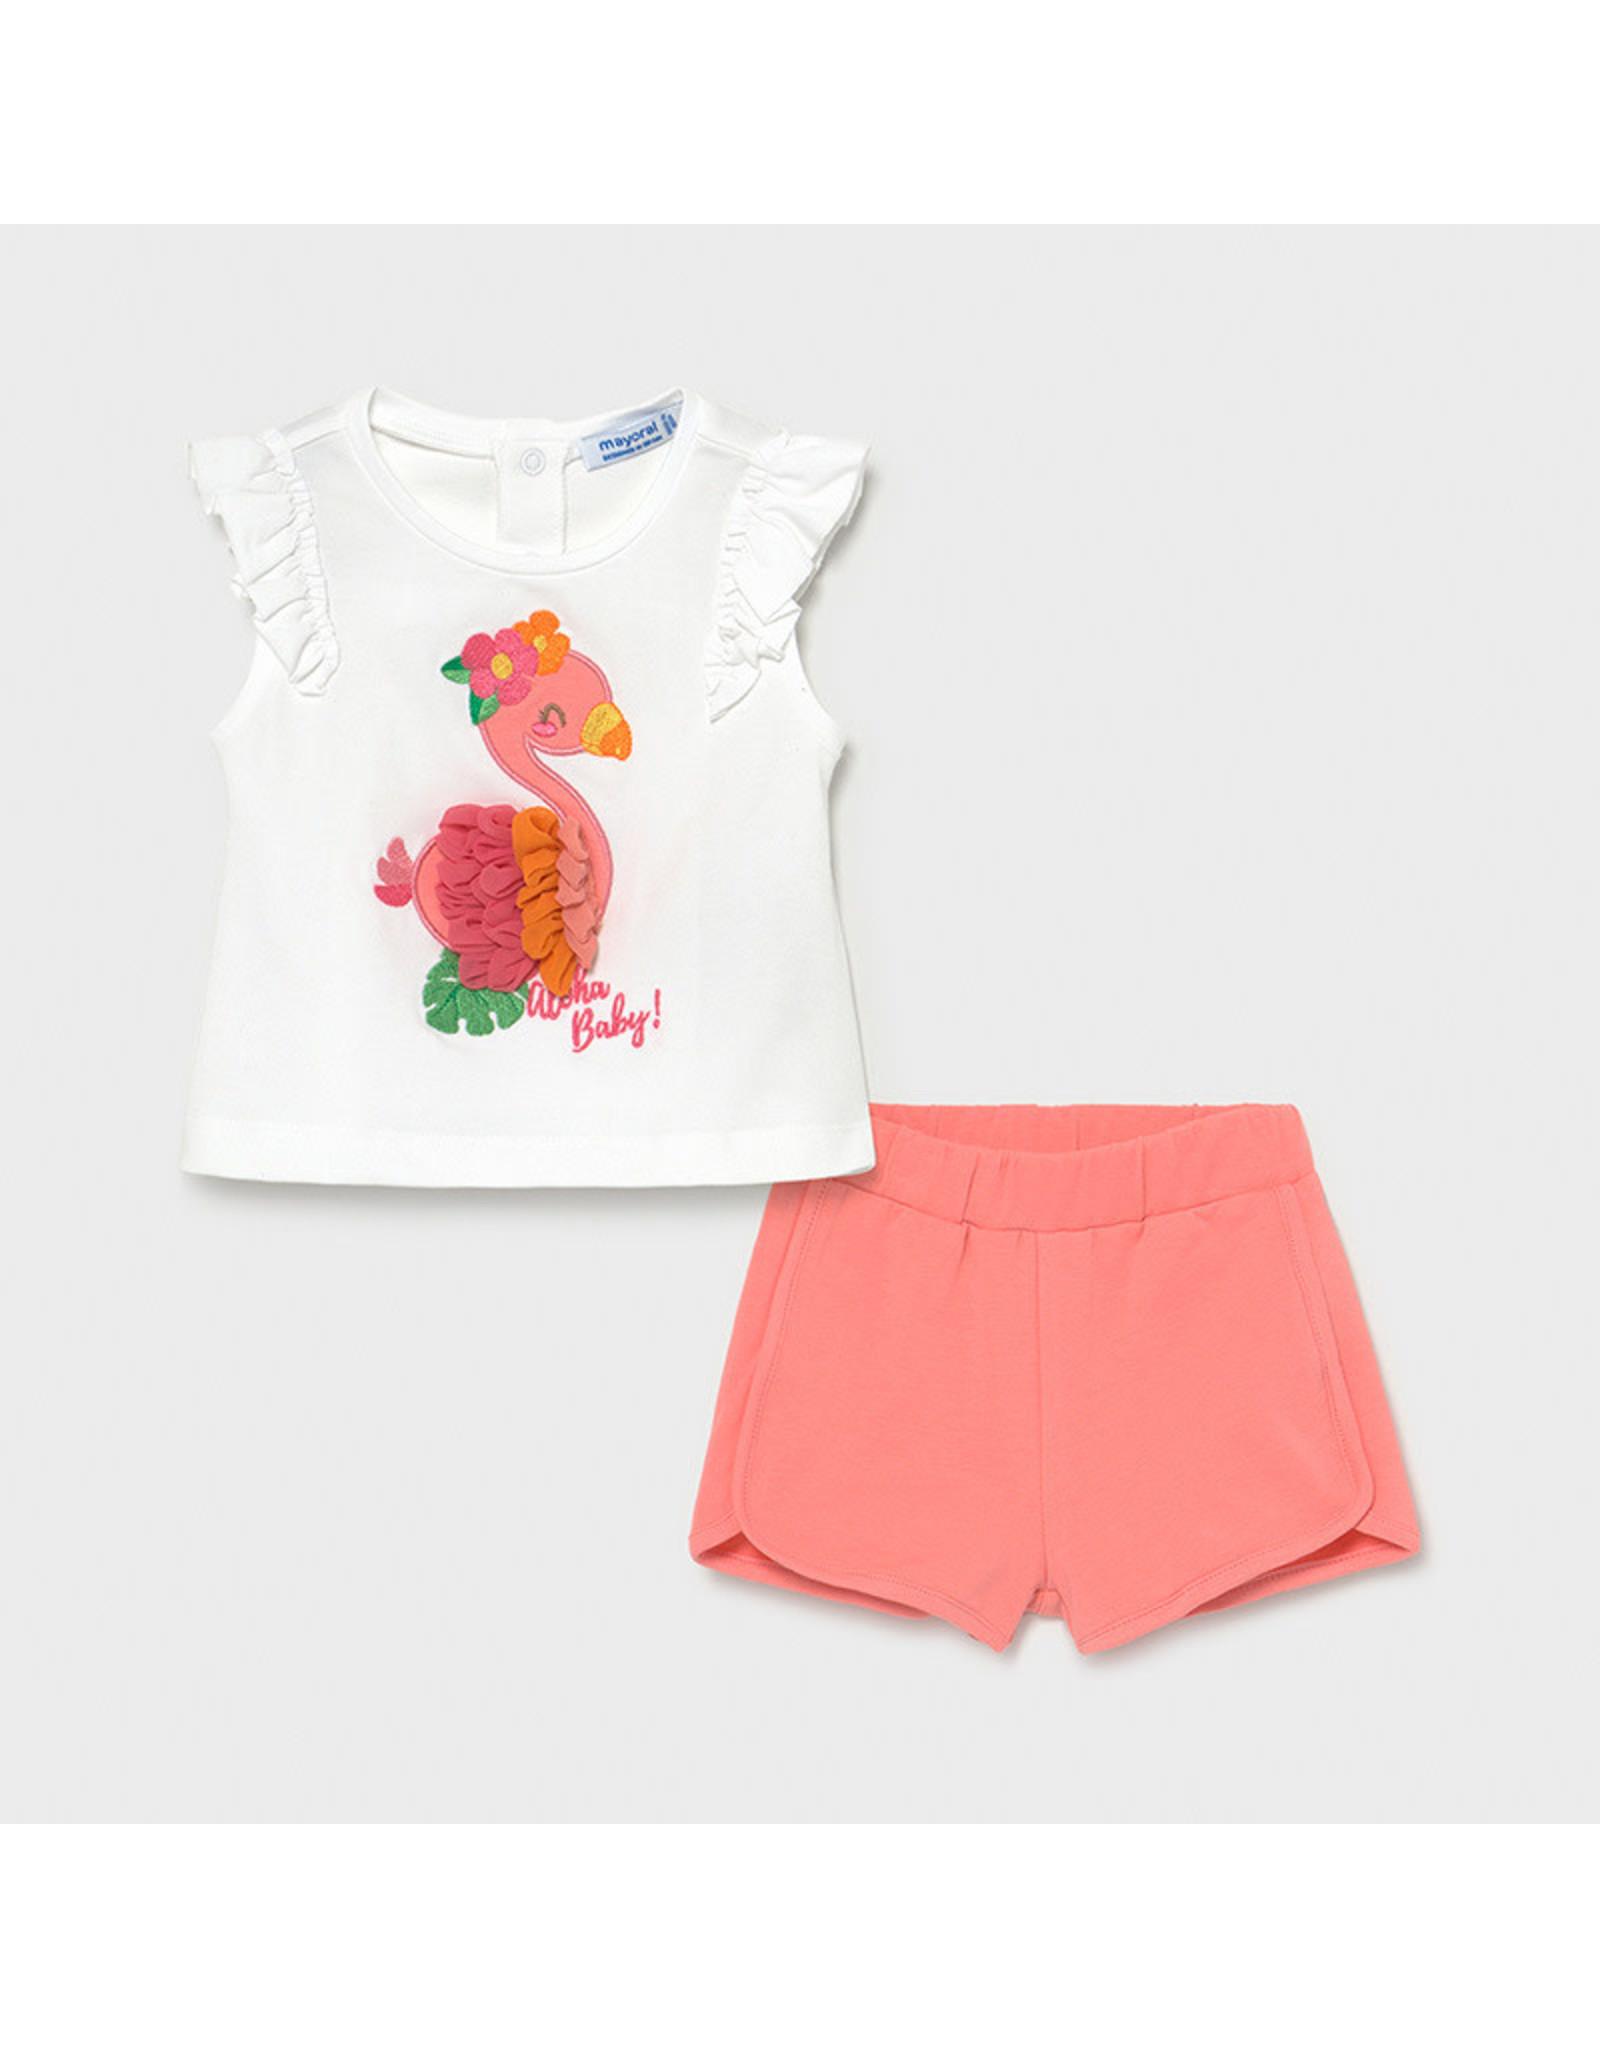 Mayoral Shorts Set with Flamingos